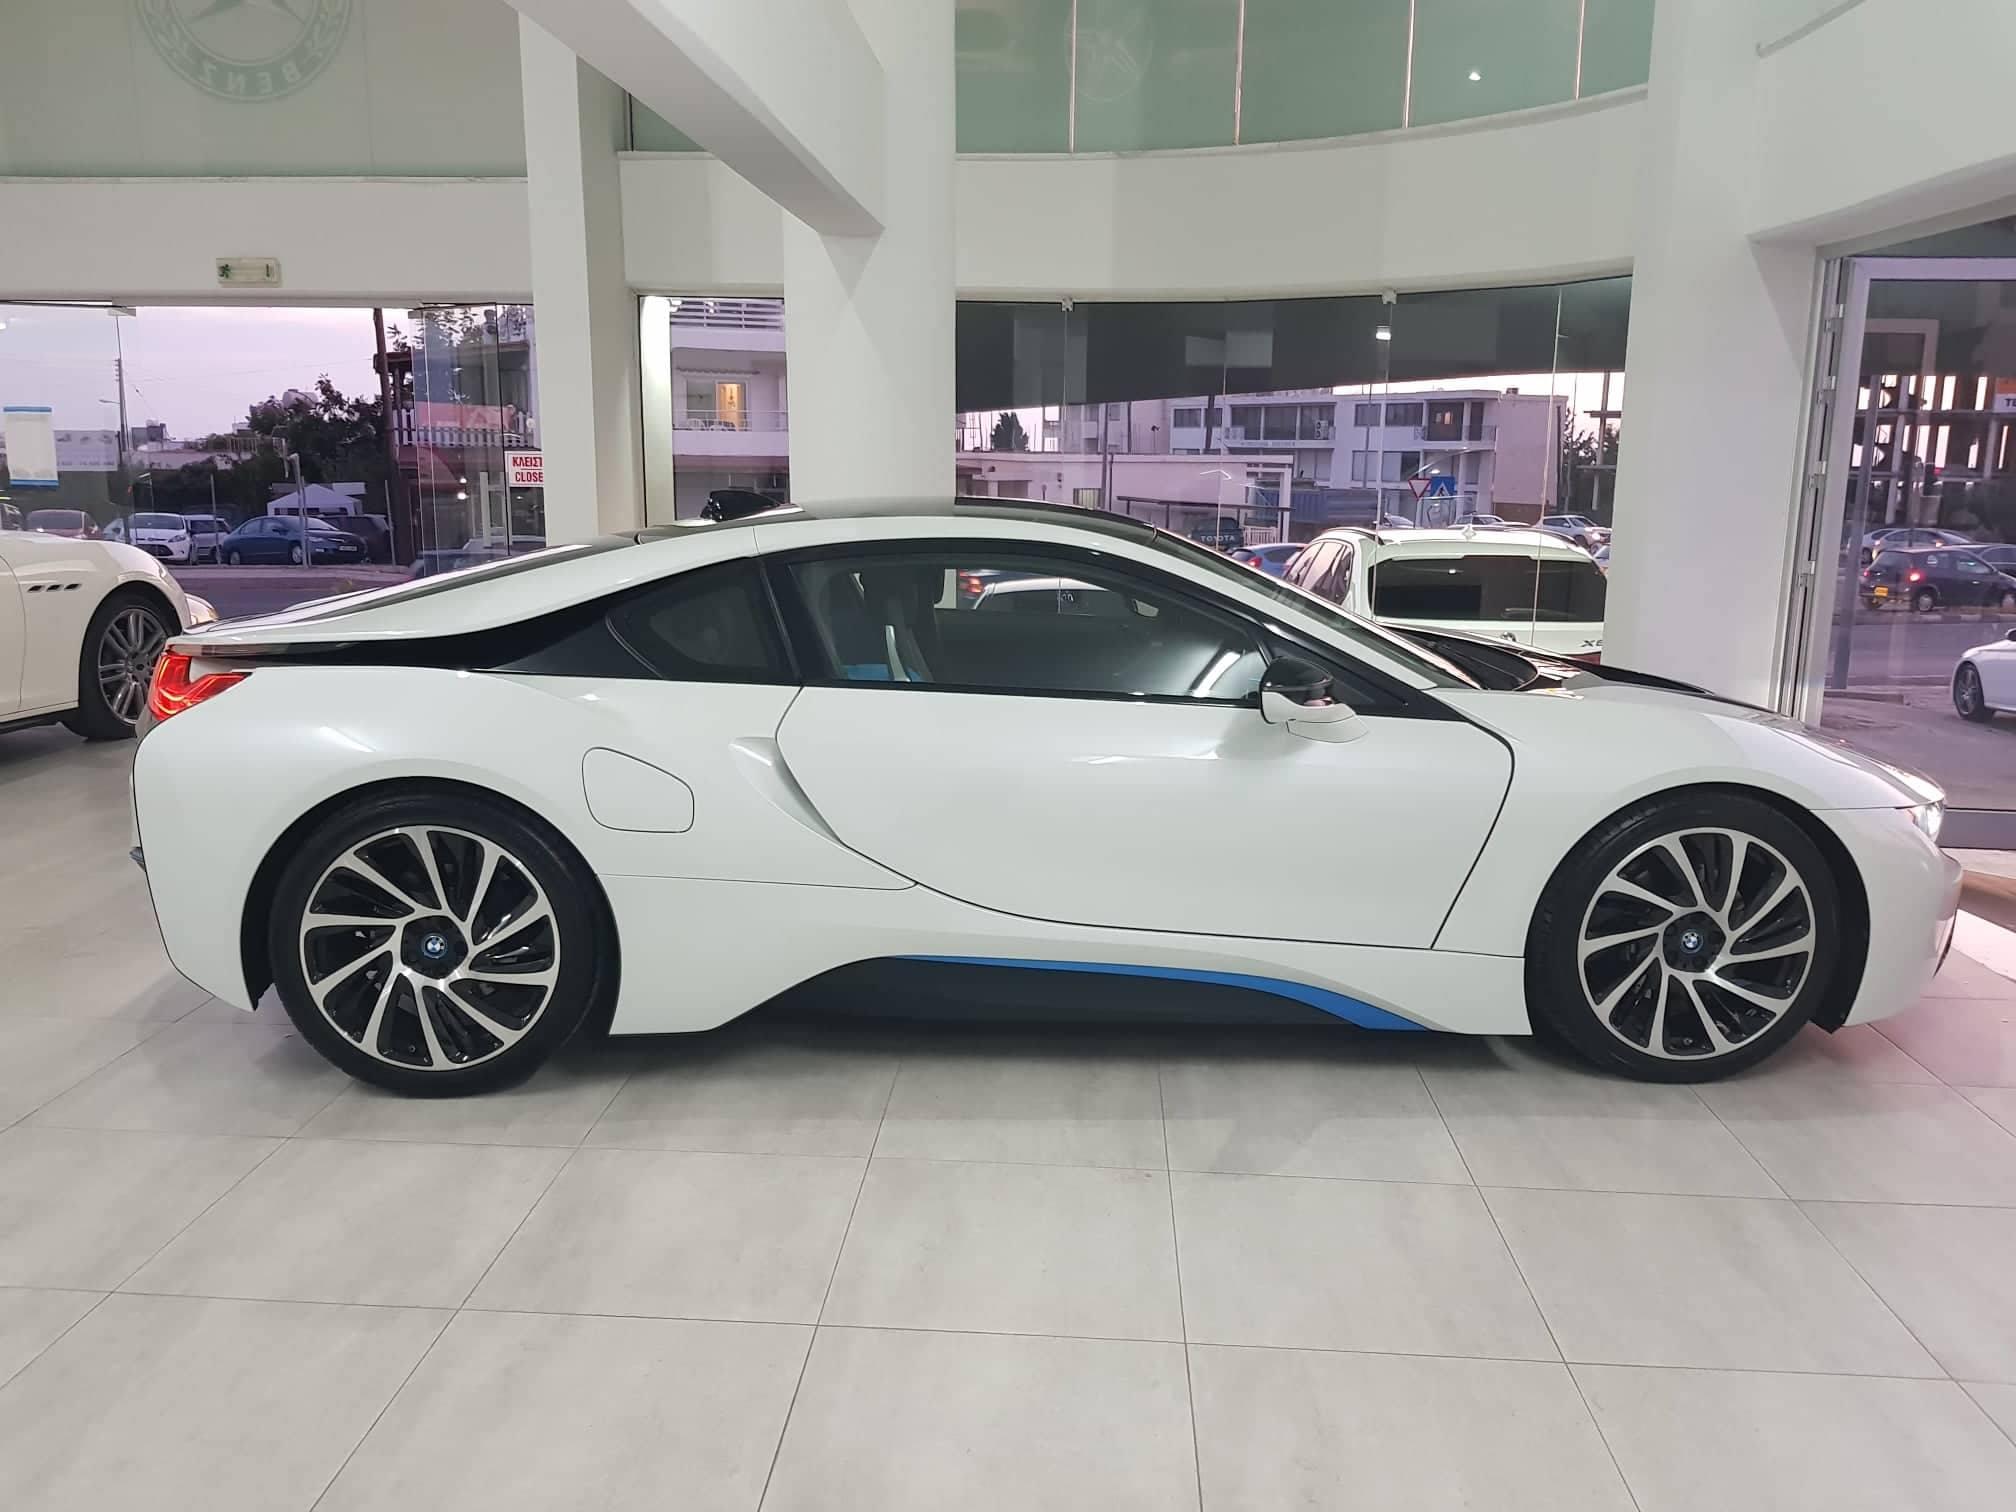 BMW i8 Hybrid